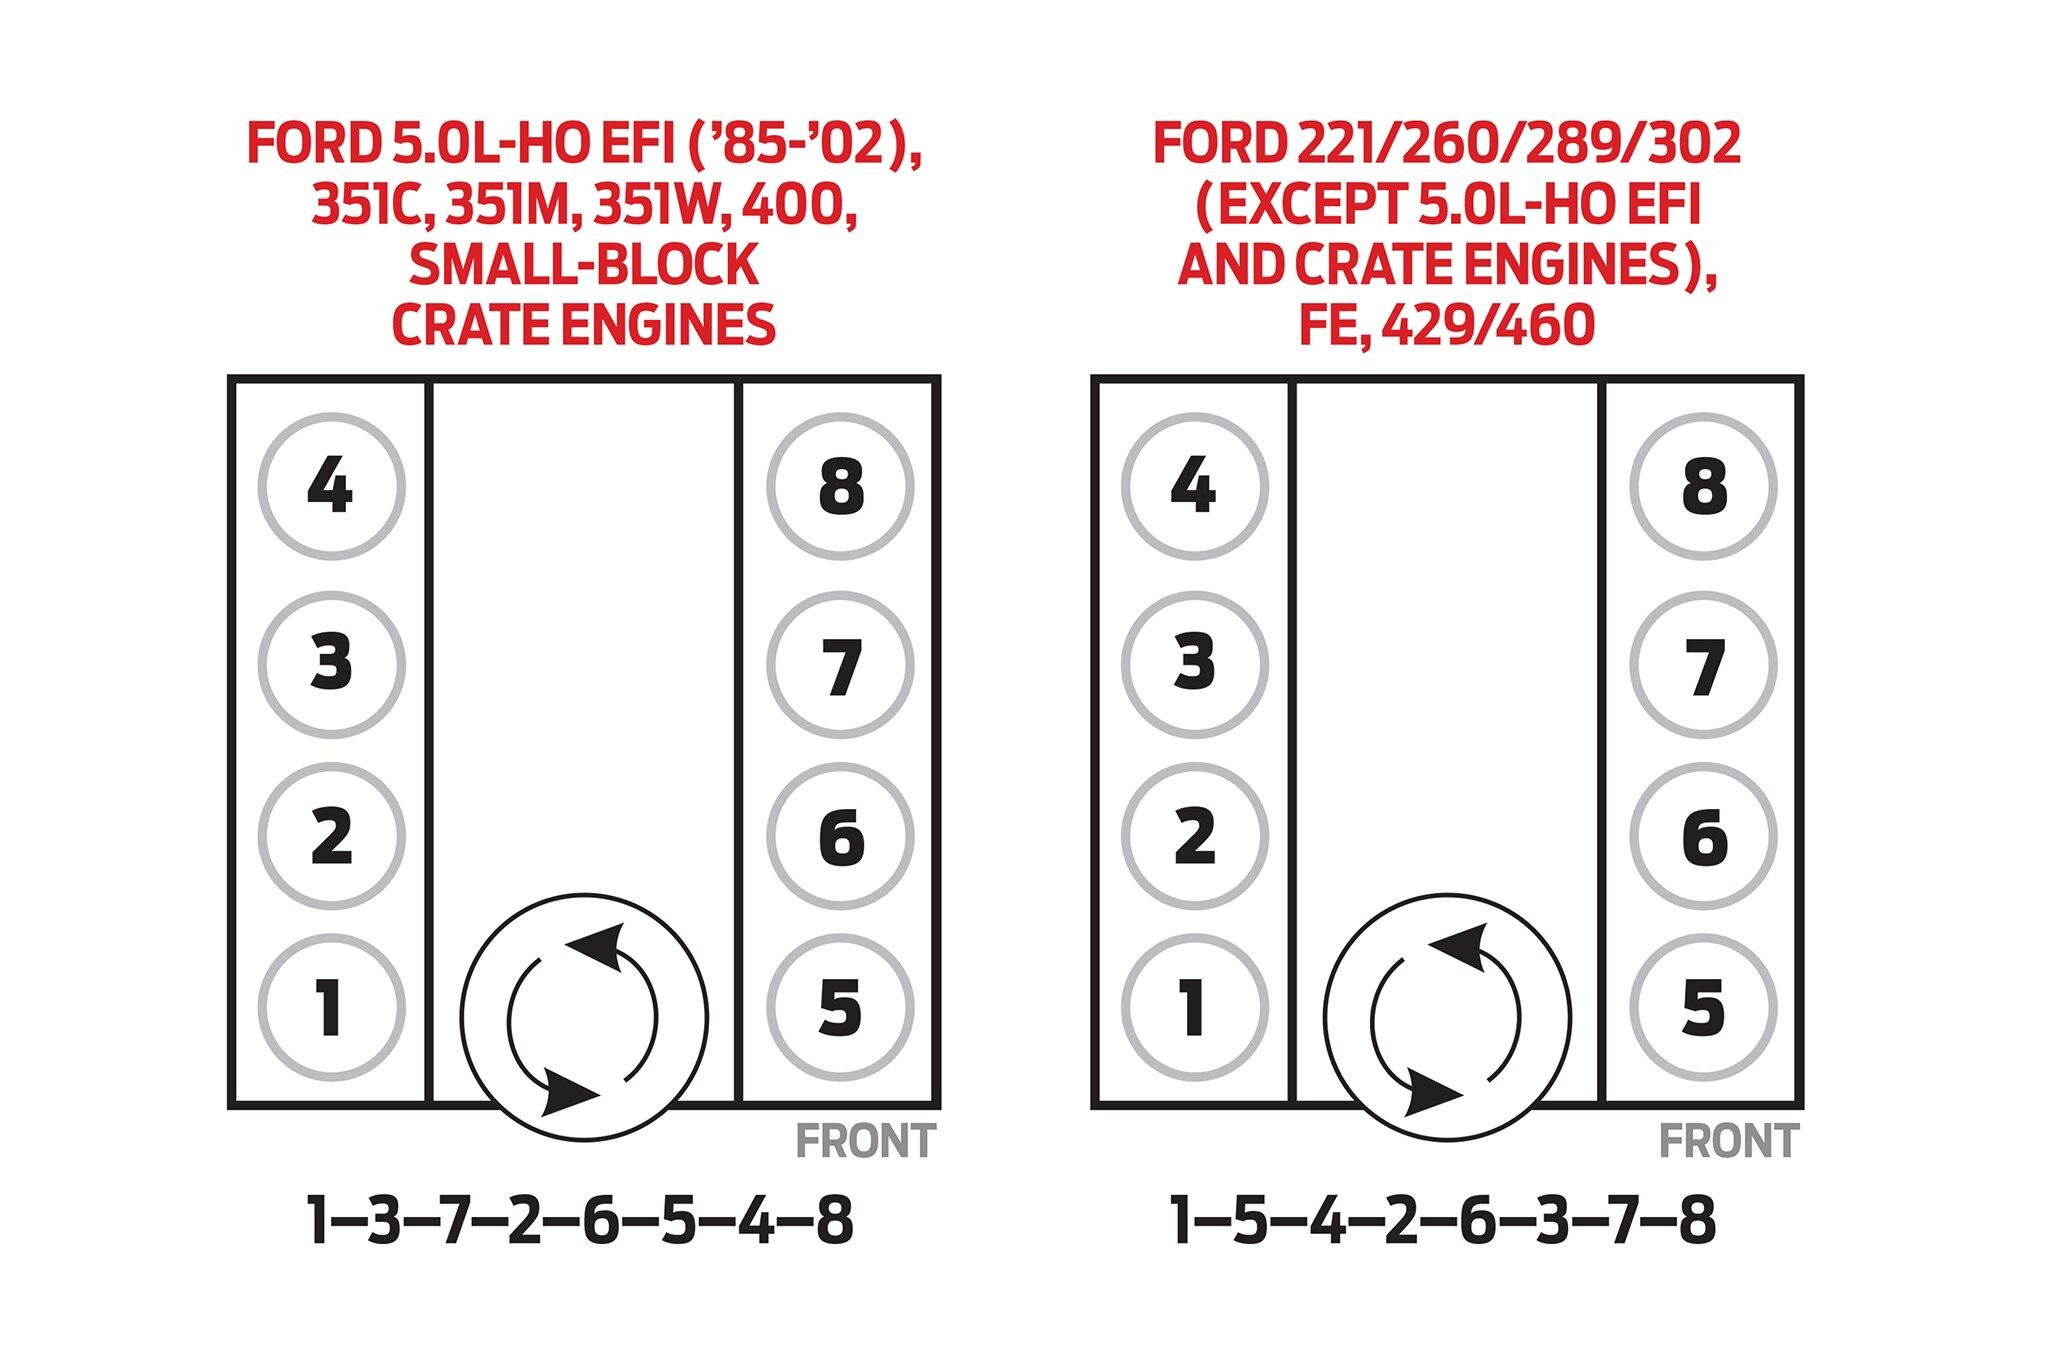 Hd_2547] Chevy S10 2 8 Engine Firing Order Schematic Wiring